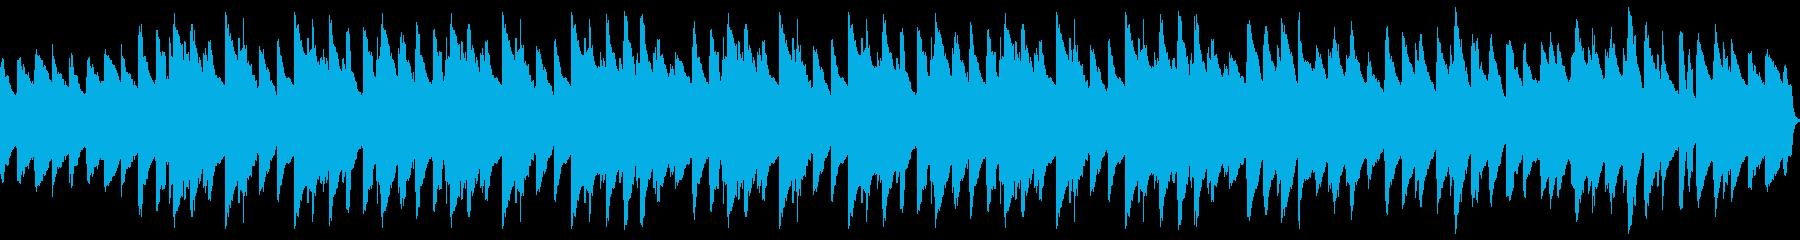 ラジオ体操的なソロピアノBGMの再生済みの波形